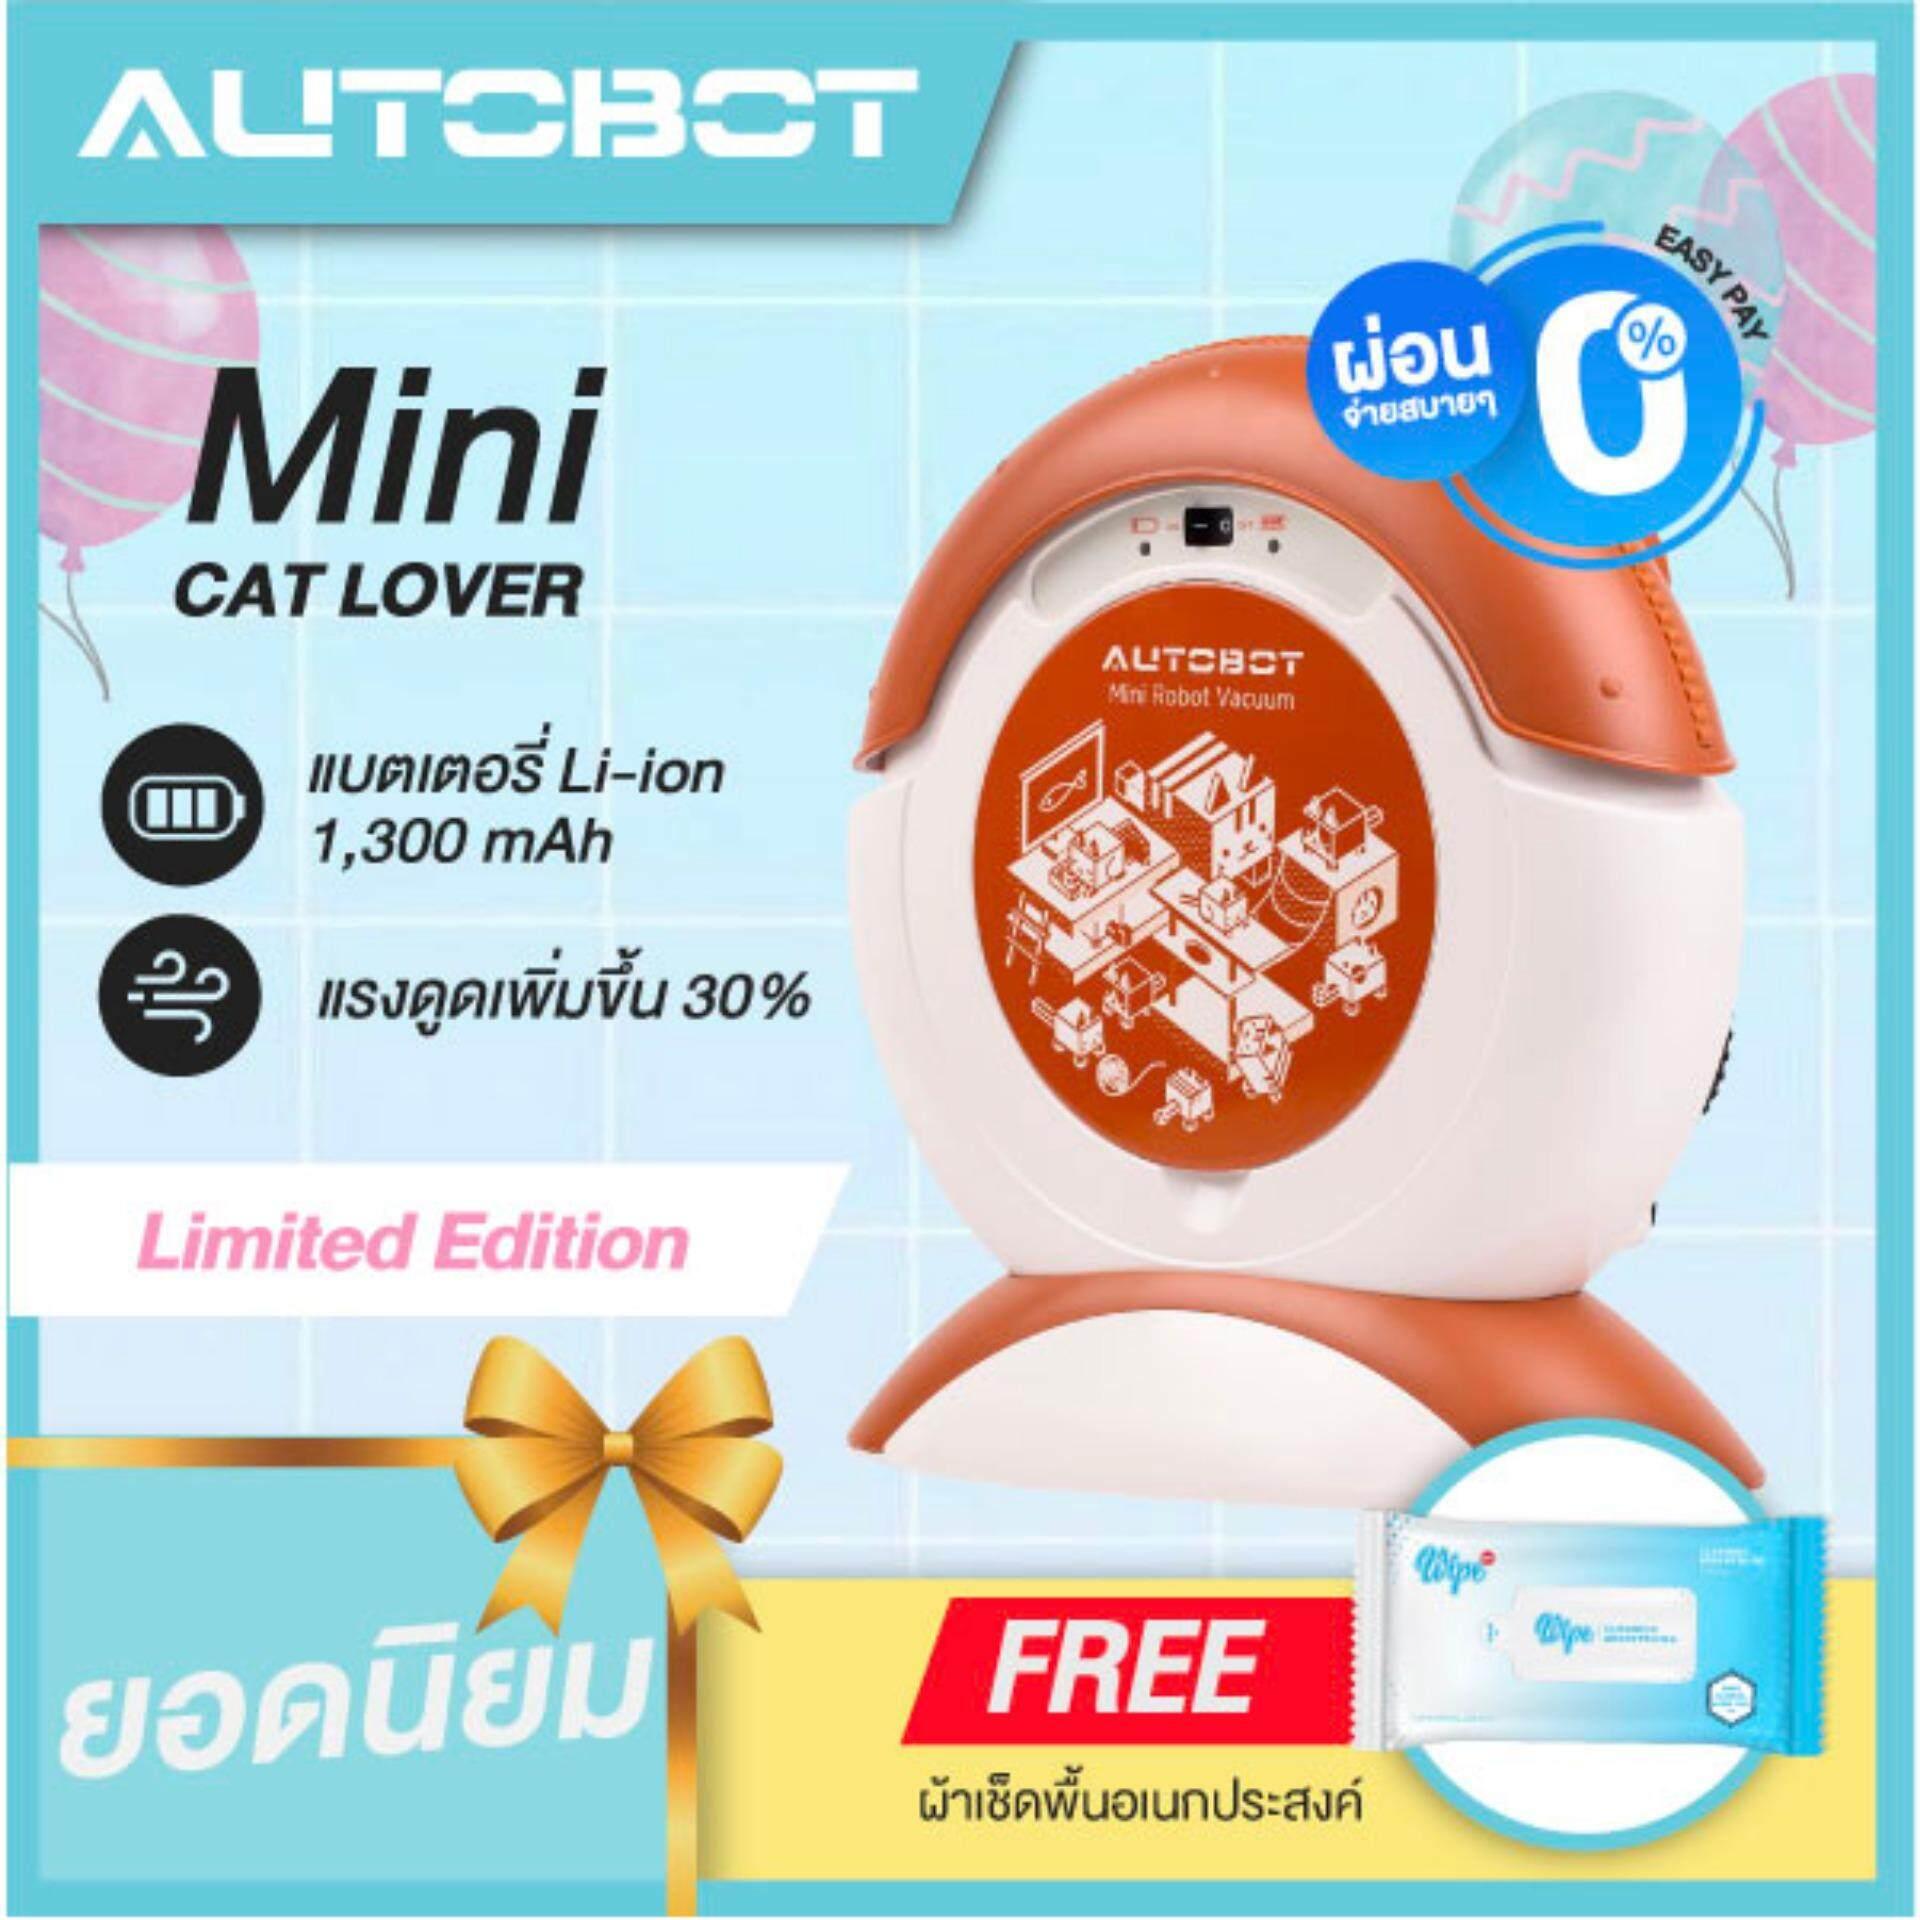 หาซื้อ  [ Limited Edition ] AUTOBOT หุ่นยนต์ดูดฝุ่น ถูพื้น โรบอท ระบบ Fuzzy Moving เครื่องดูดฝุ่น รุ่น Mini robot vacuum cleaner - Cat Lover - ดีที่สุด